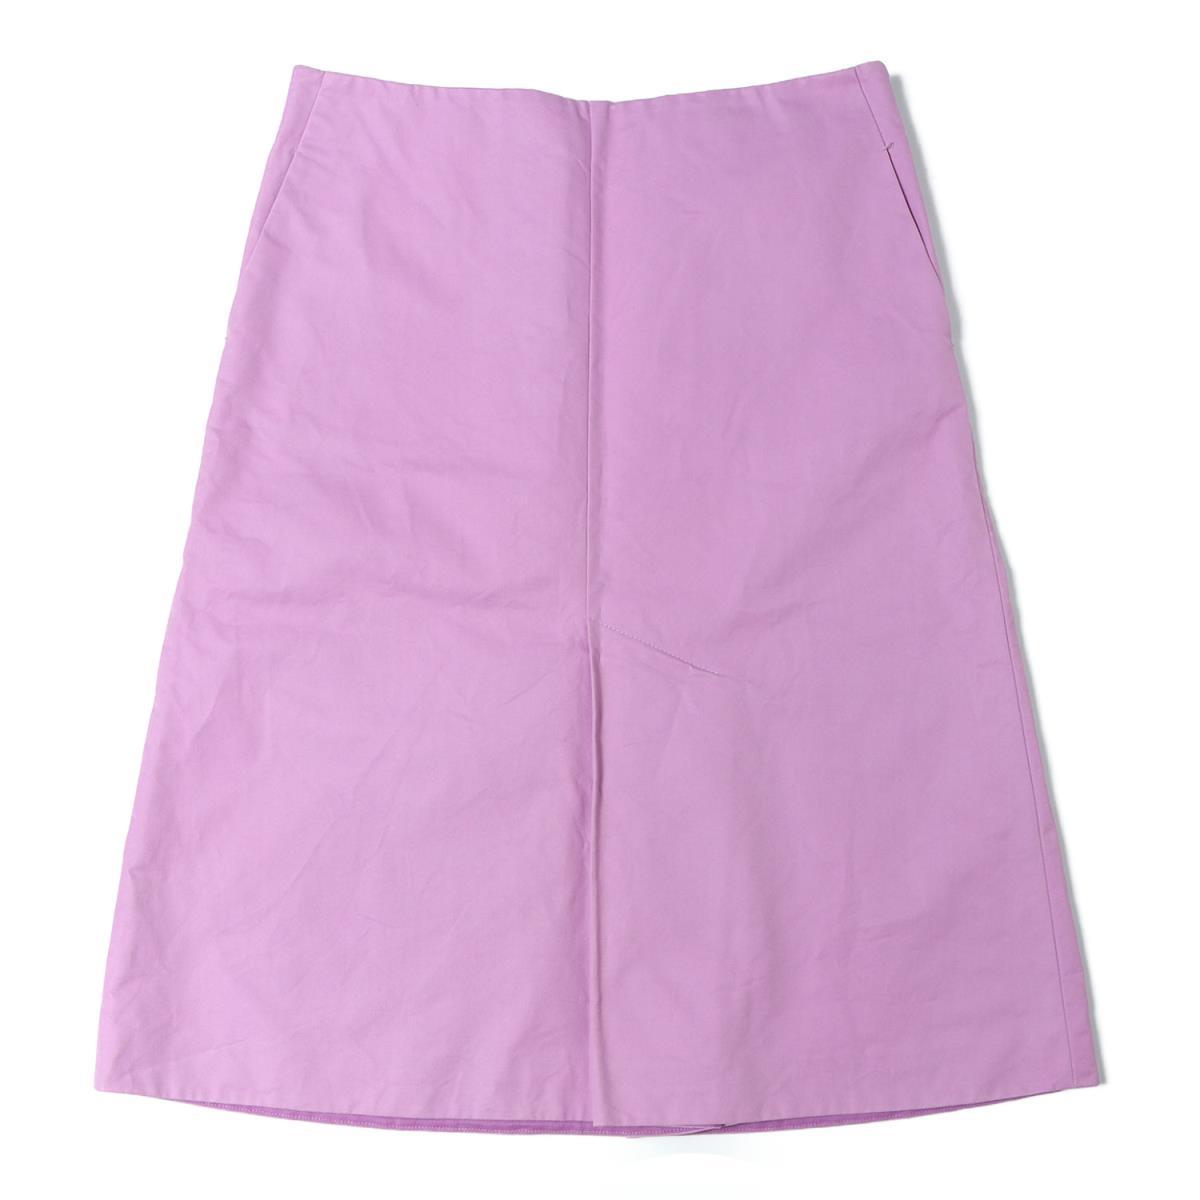 Drawer ドゥロワー コットン 台形スカート ピンク 40(L) 【レディース】【中古】【K2486】